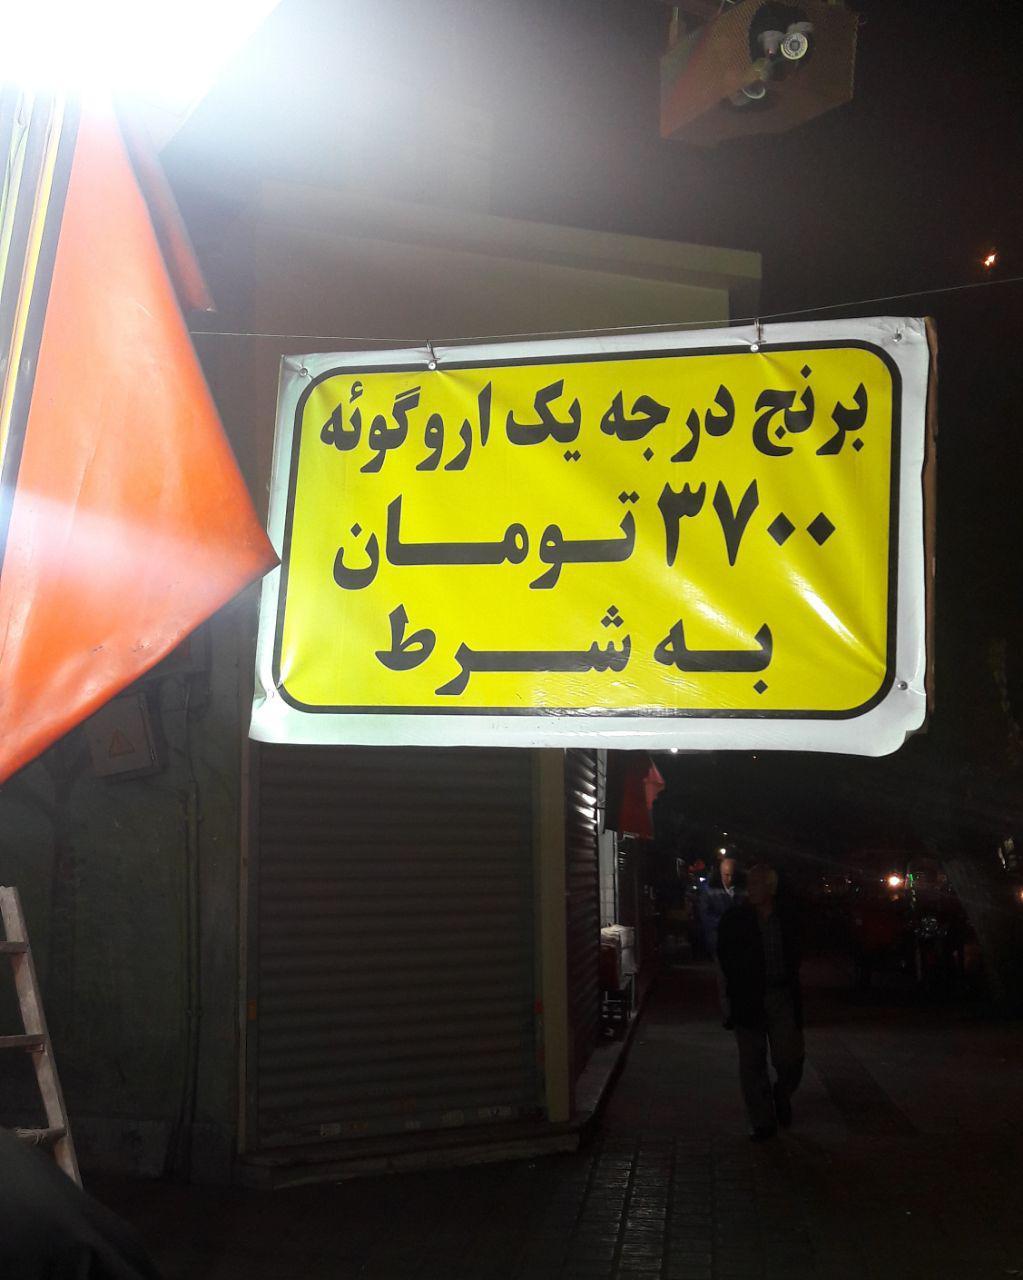 اینطوری کشاورزان ایرانی رو به خاک سیاه مینشونند!